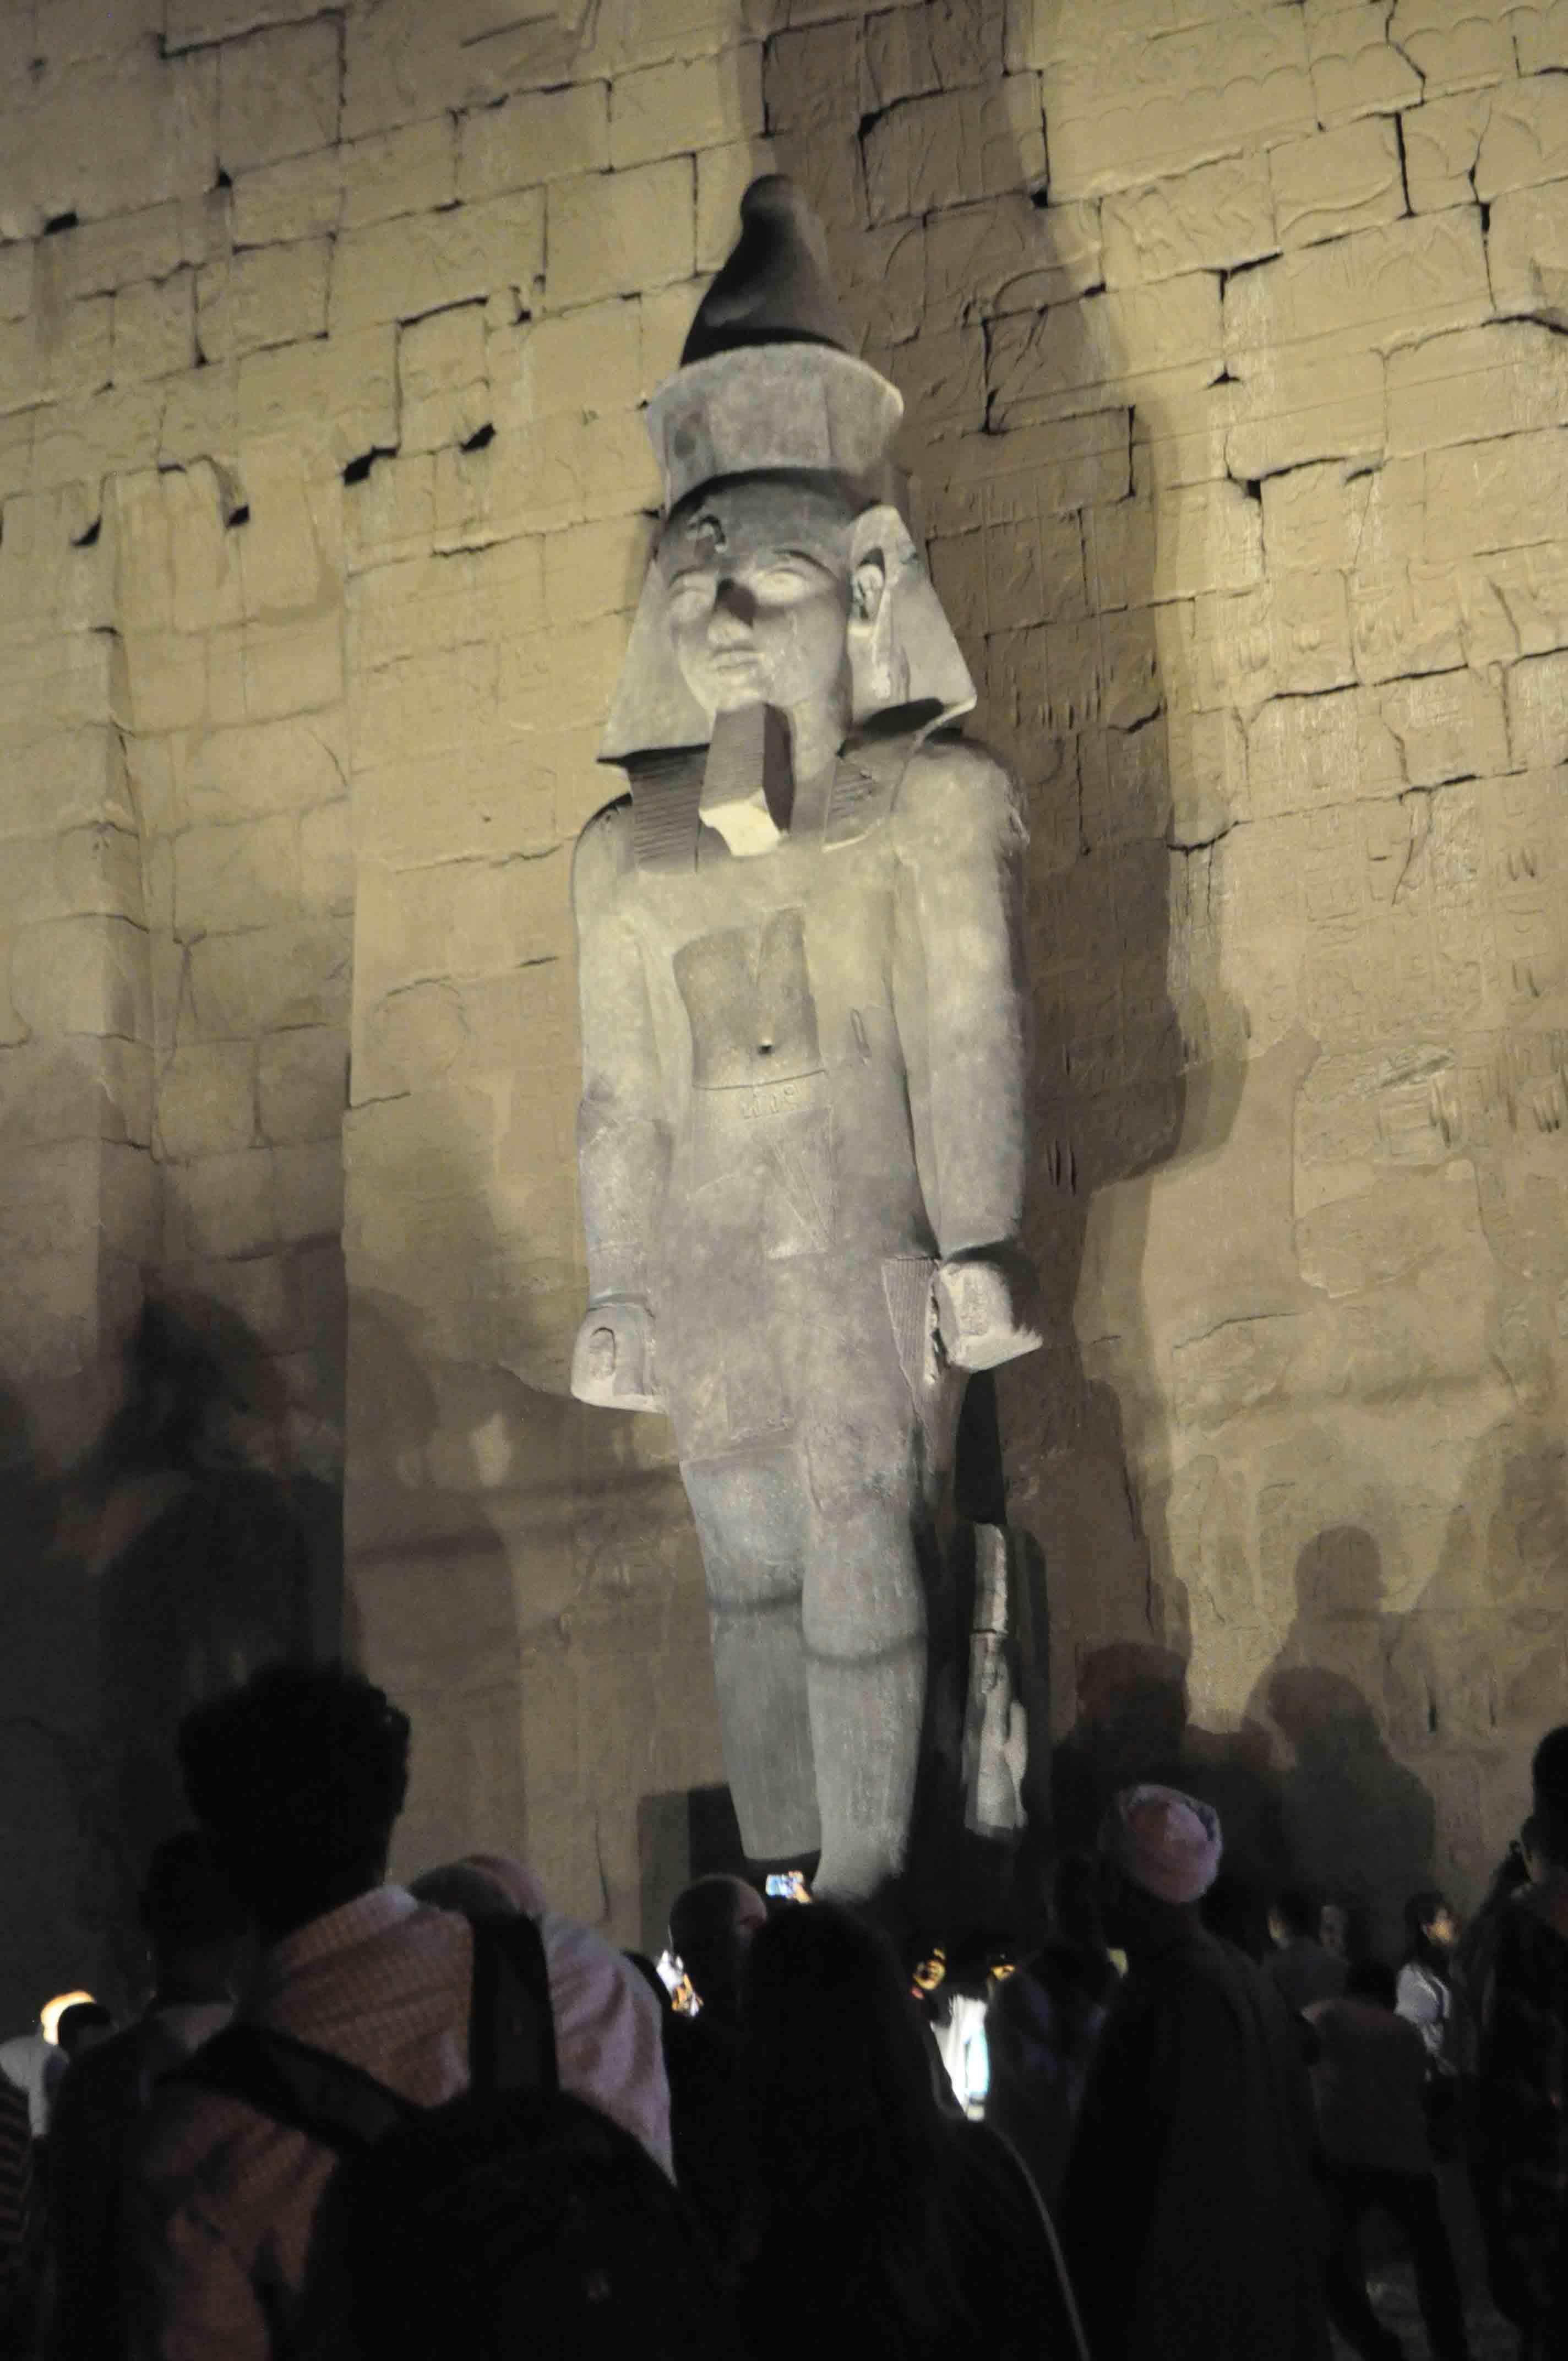 تمثال الملك رمسيس الثانى يعود لموقع بواجهة معبد الأقصر